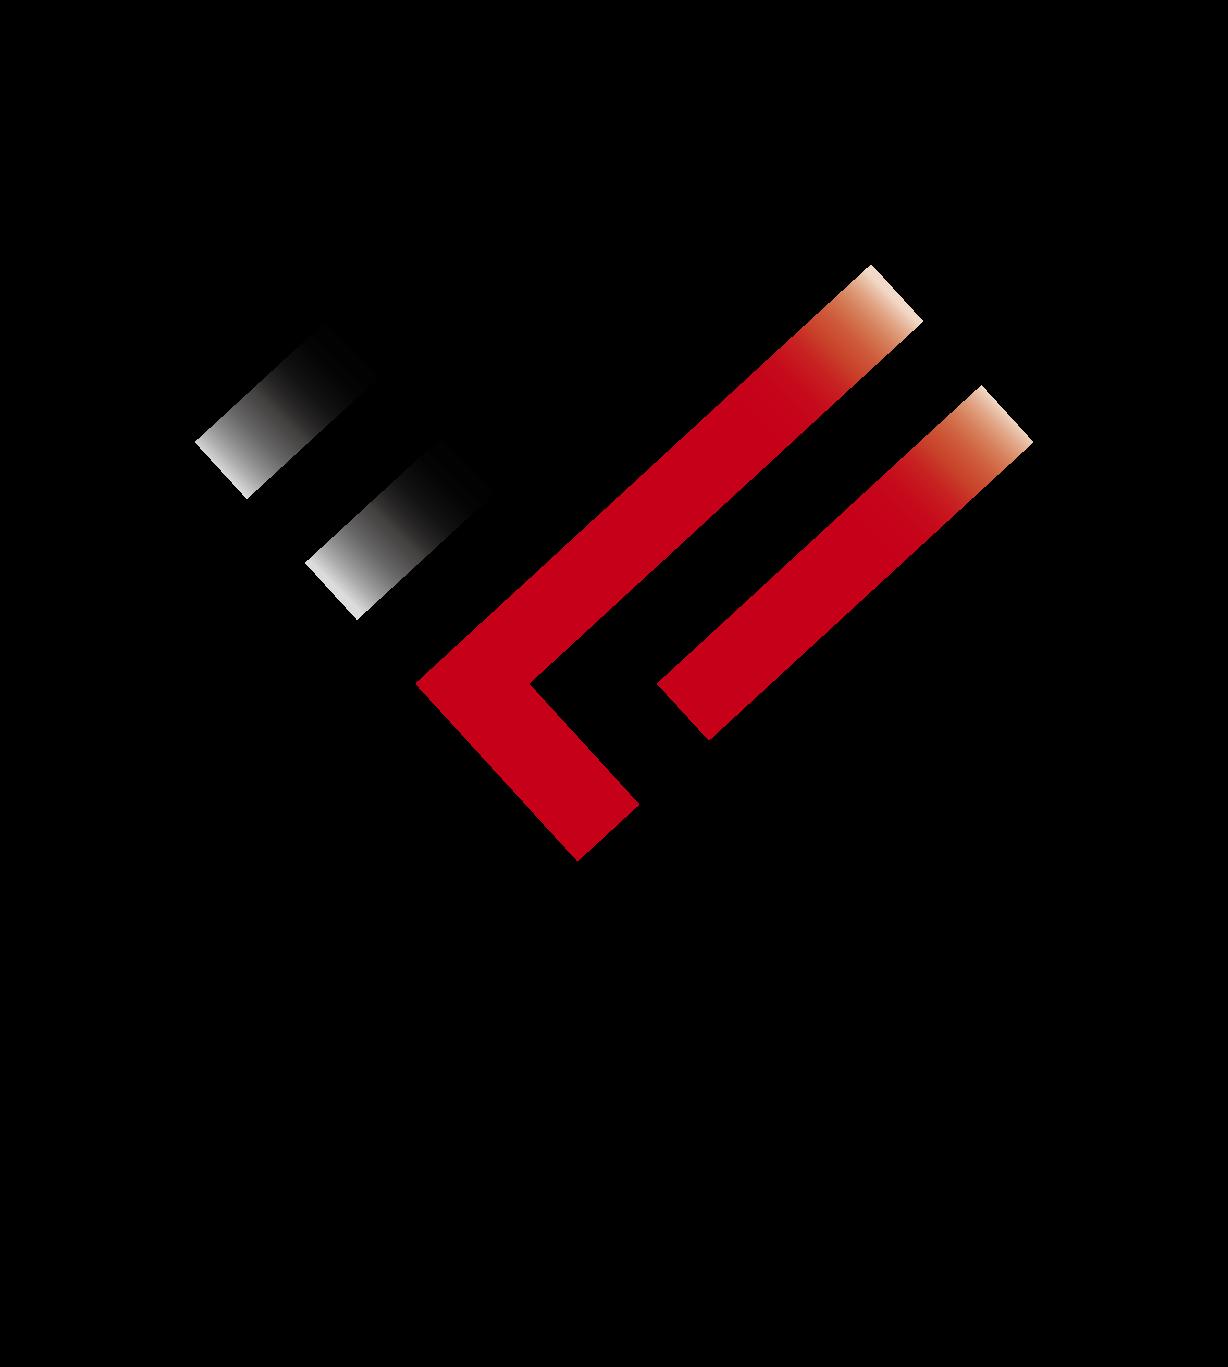 建築/建設/設備/設計/造園と堅め/堅実と黒のロゴ